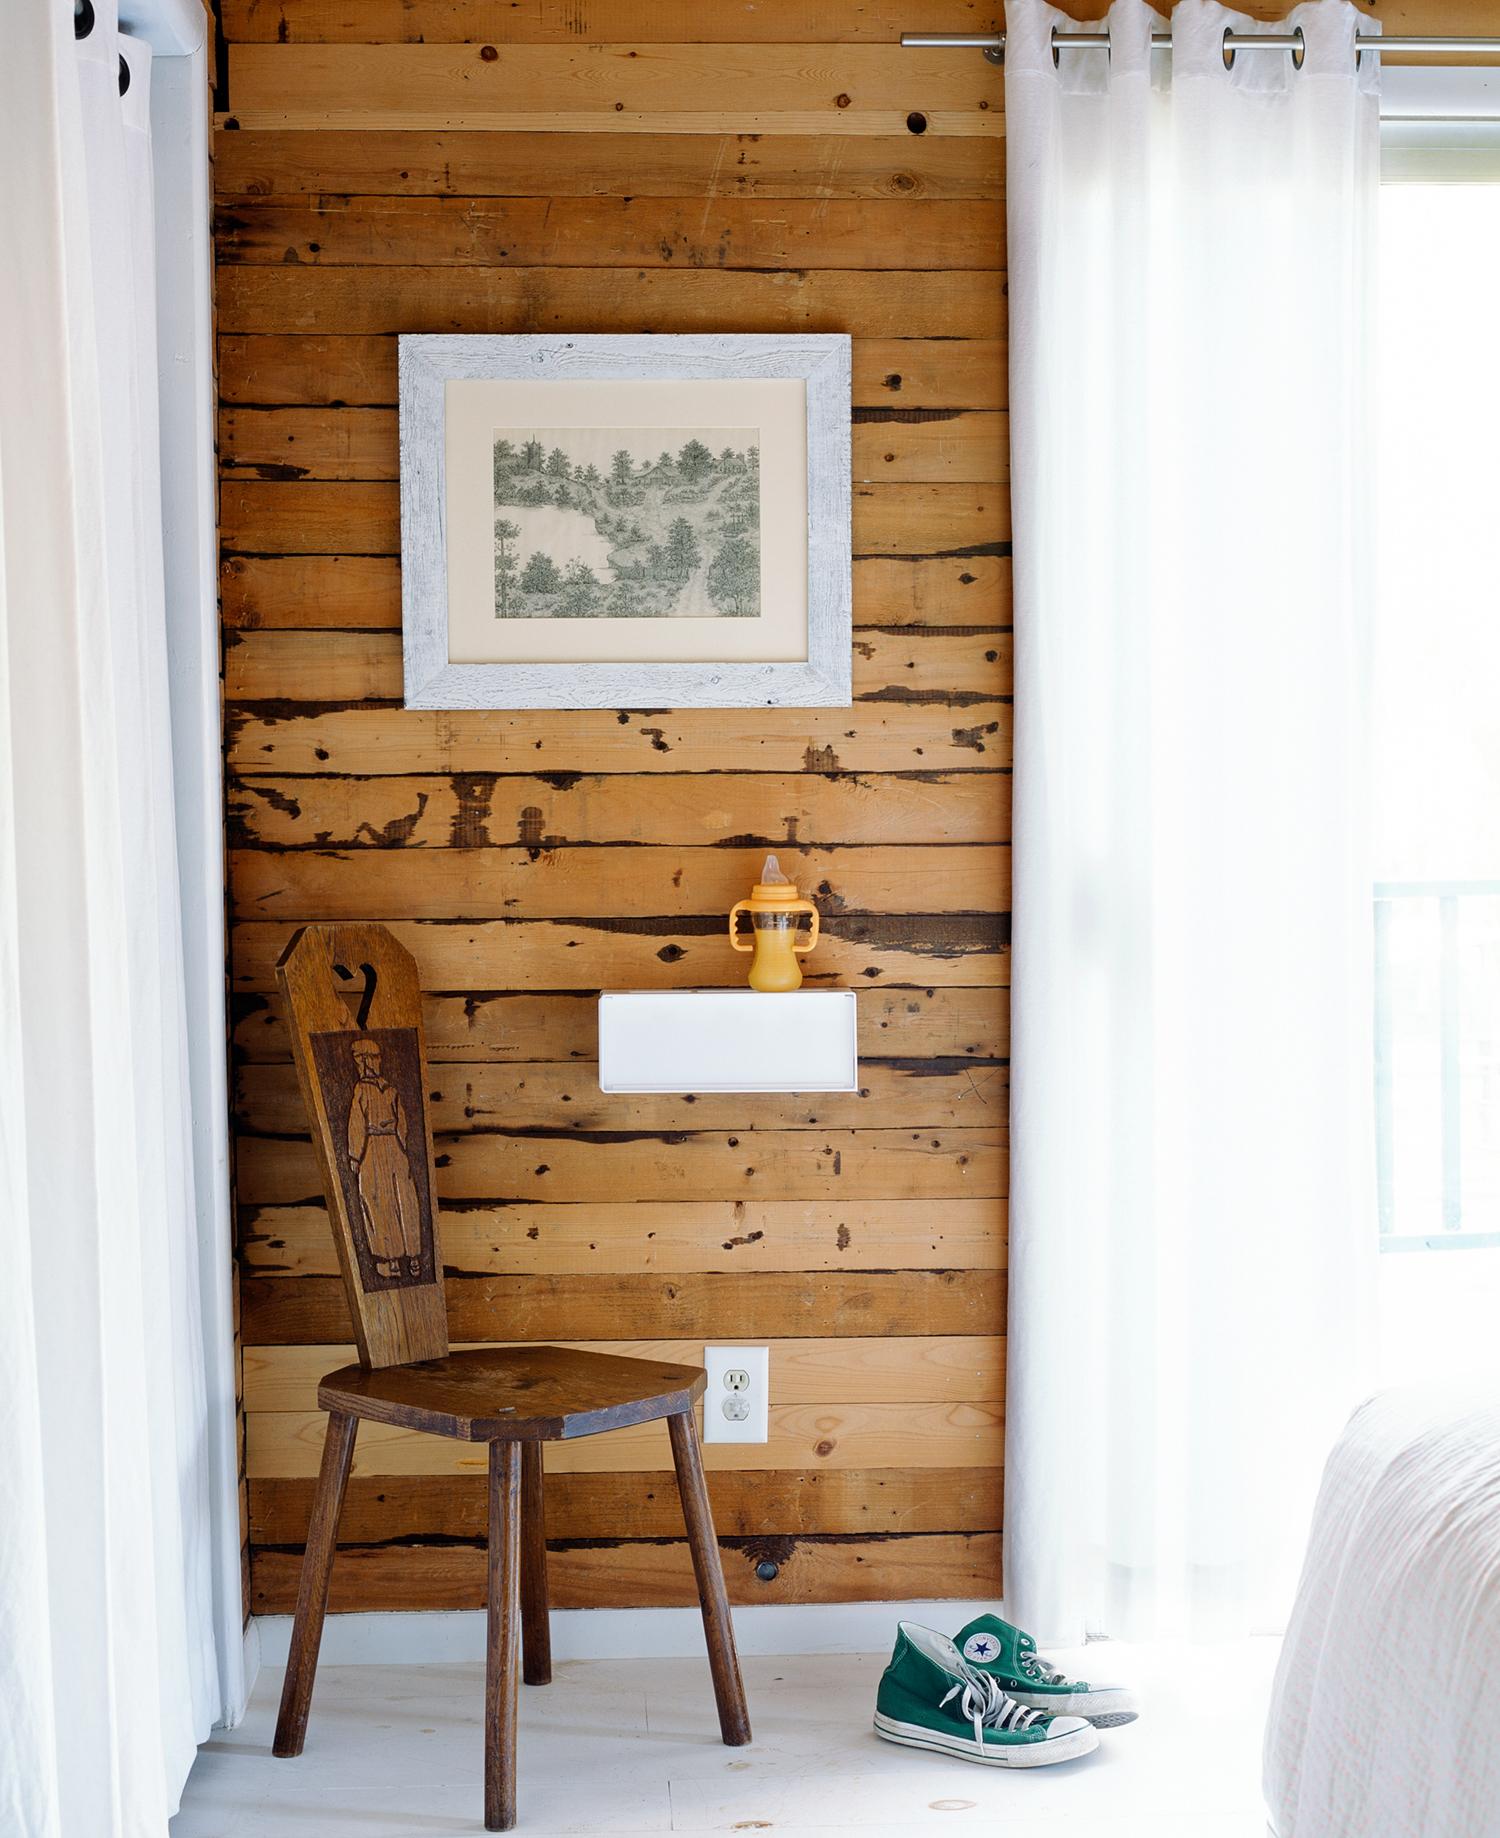 9 Gorgeous Reclaimed Wood Ideas - Sunset Magazine